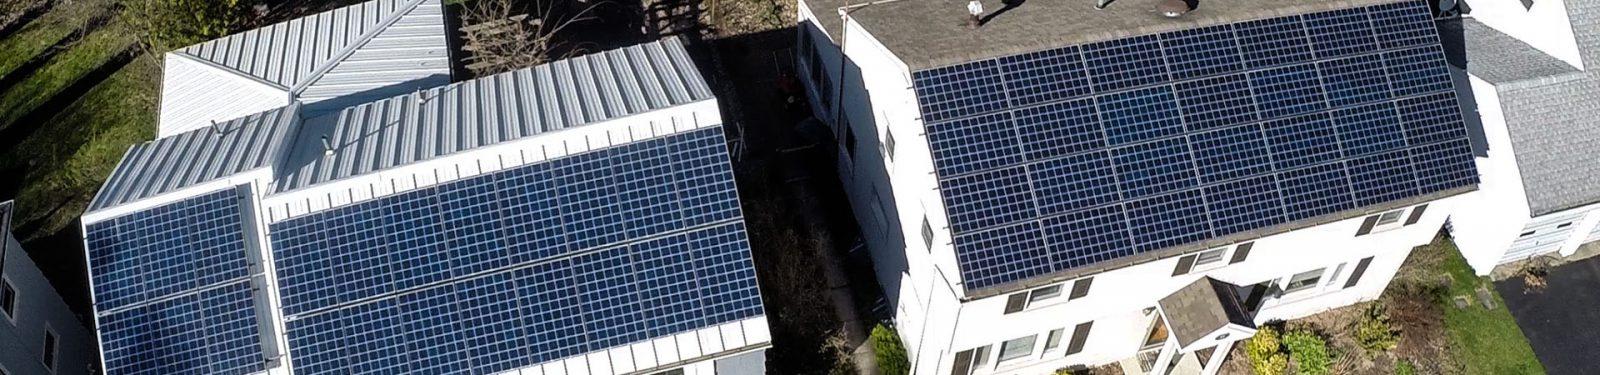 NY rooftop solar array slider